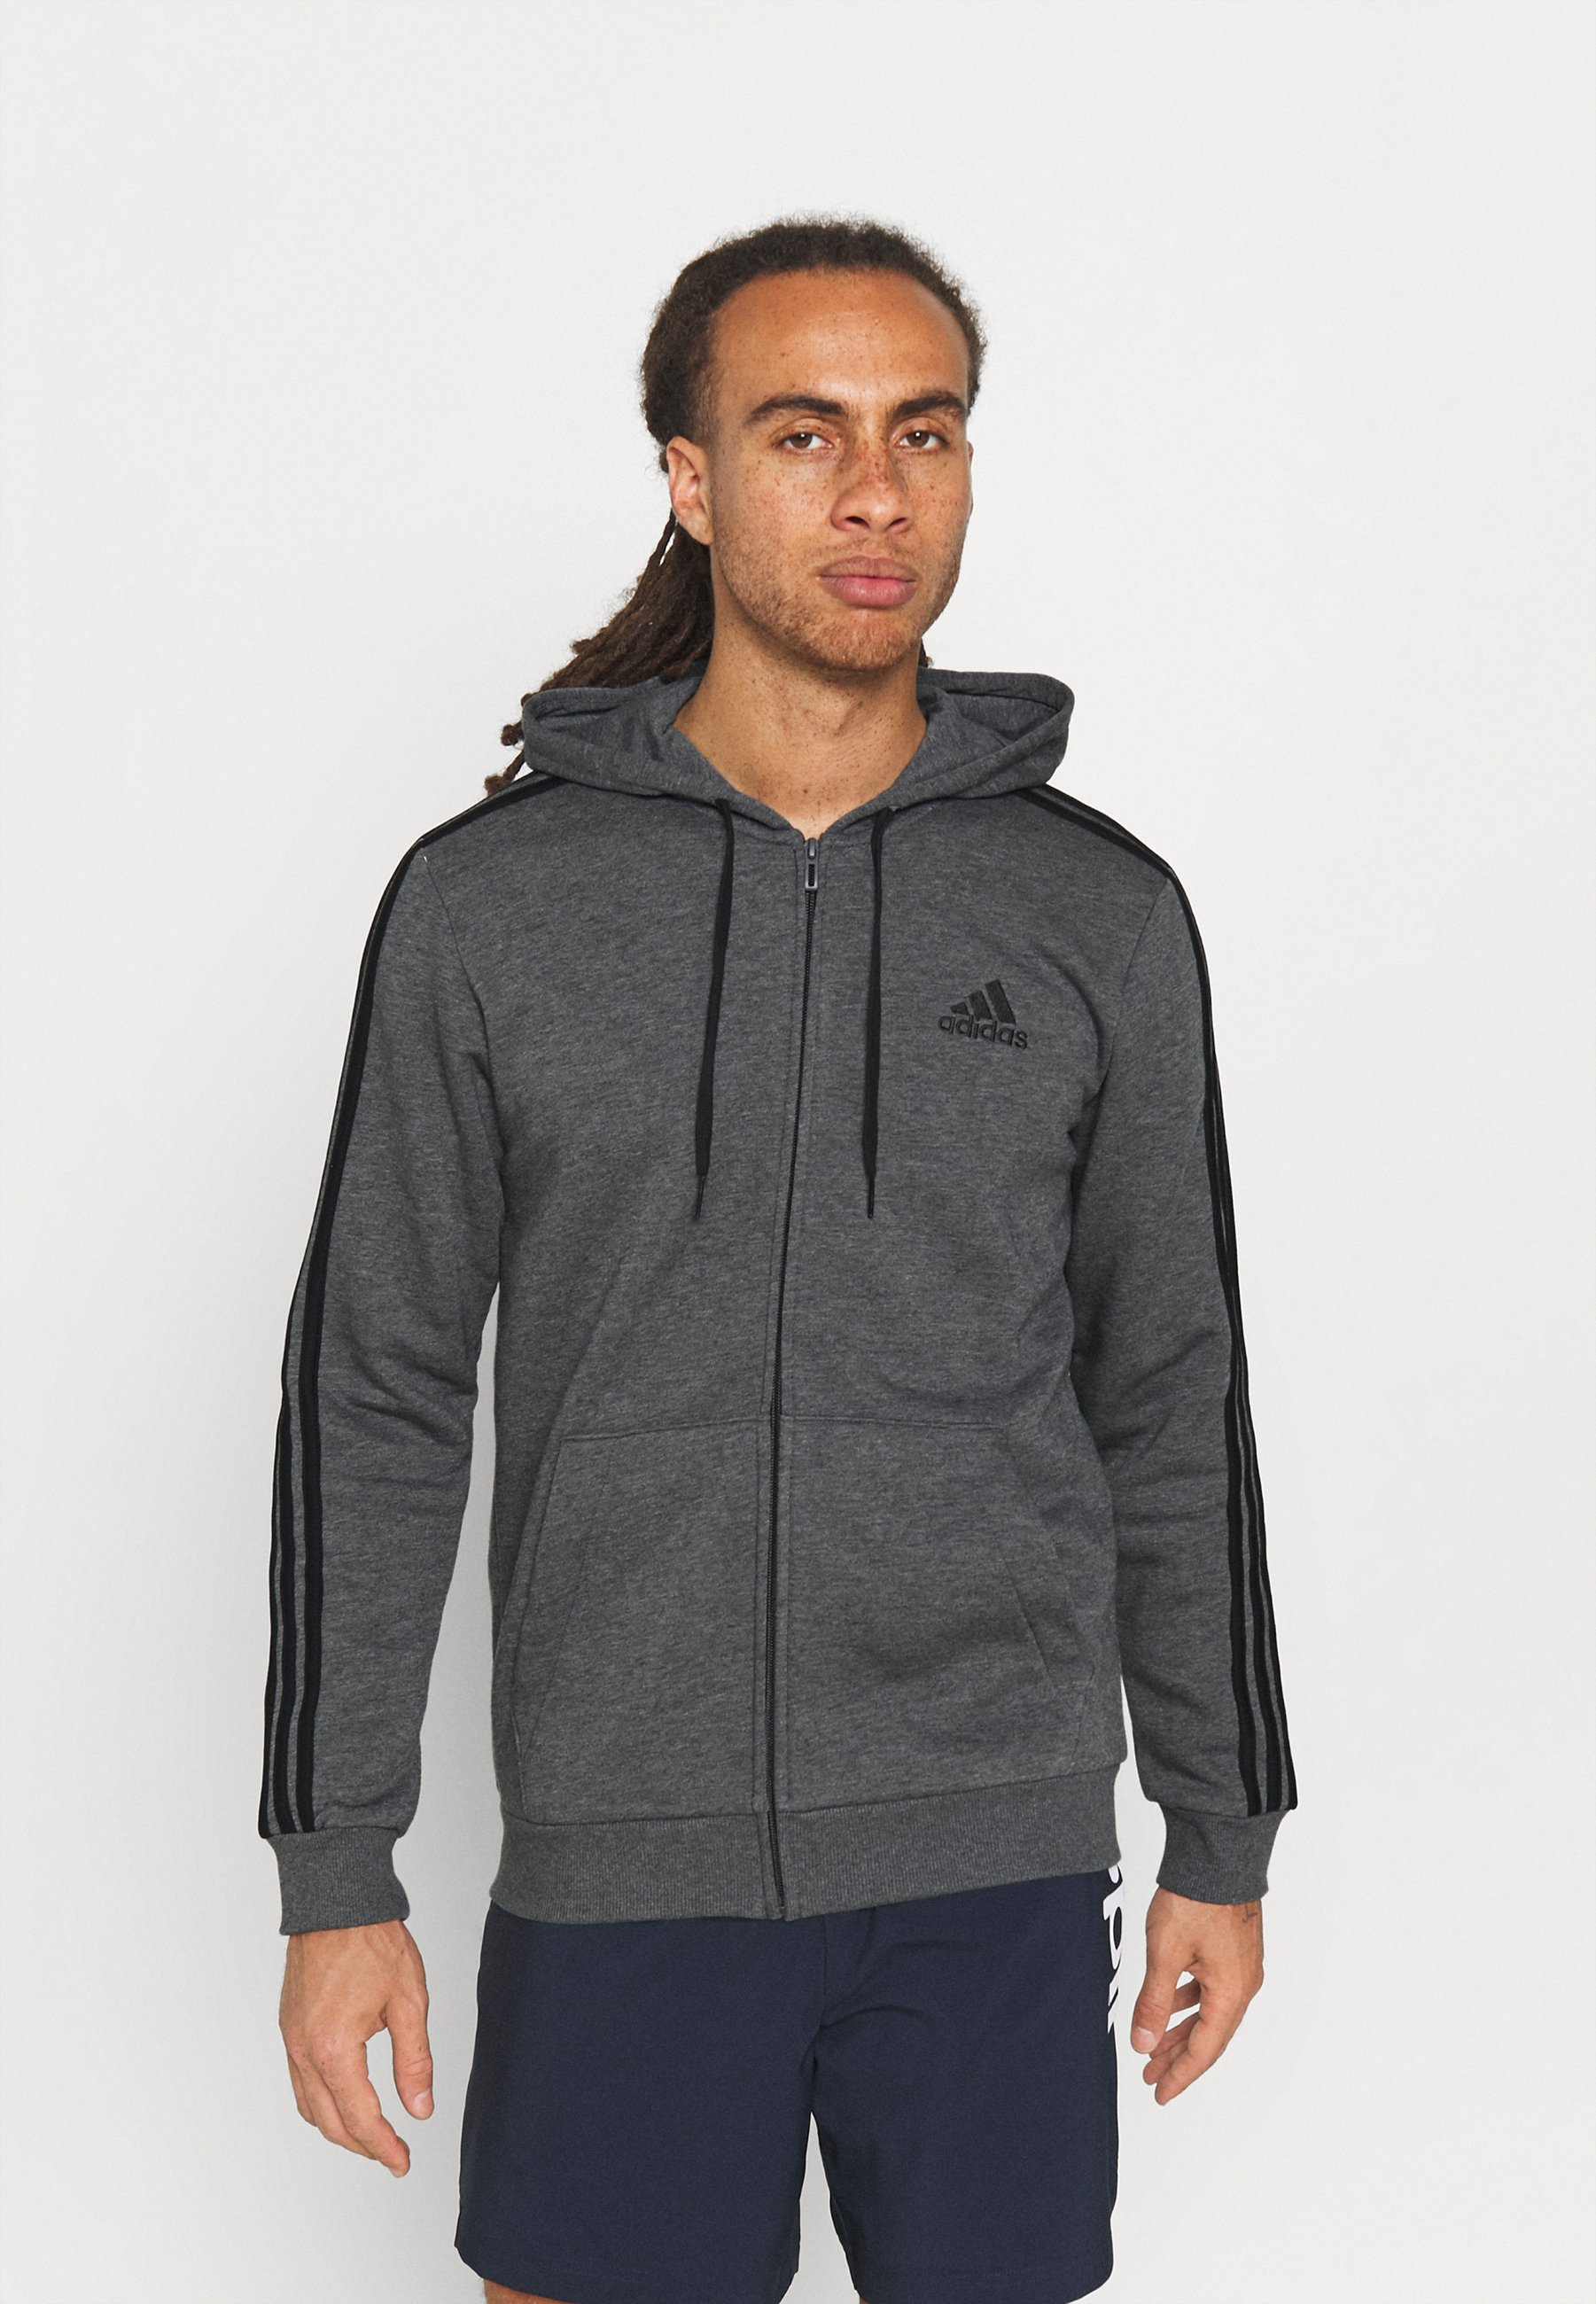 Men 3 STRIPES FLEECE FULL ZIP ESSENTIALS SPORTS TRACK JACKET HOODIE - Zip-up sweatshirt